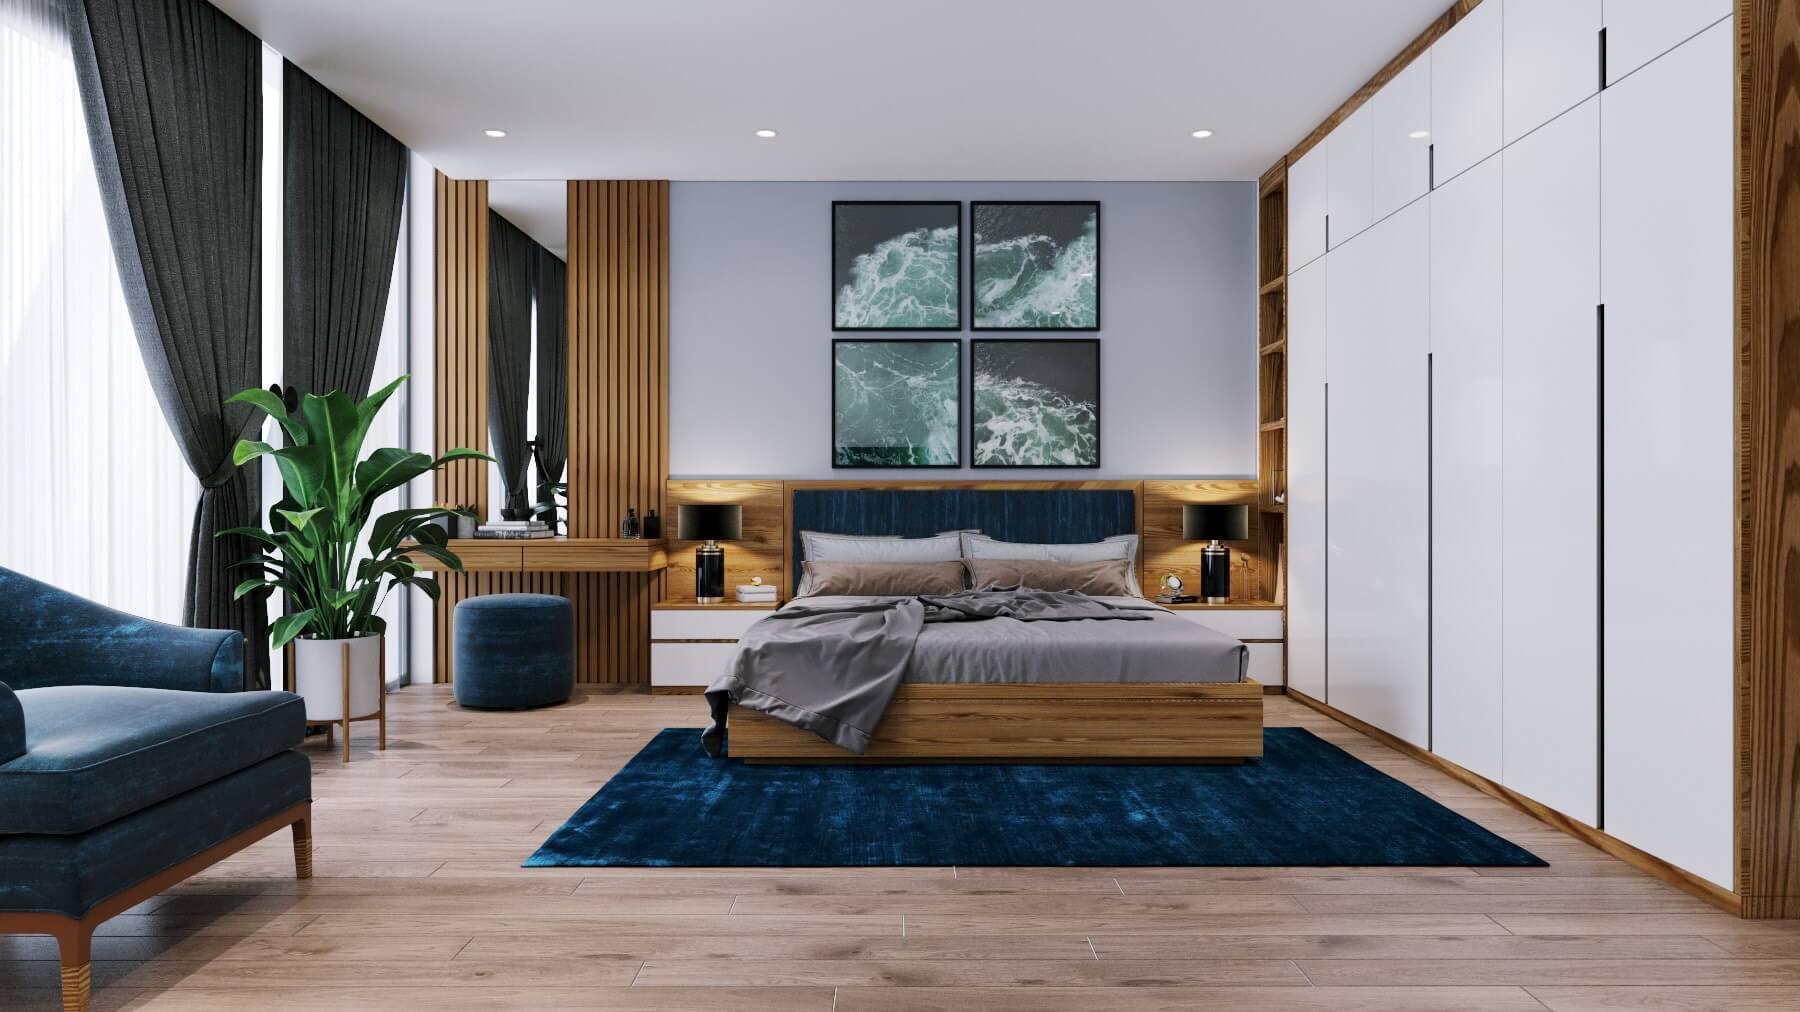 Thiết kế phòng ngủ master tận dụng ánh sáng thiên nhiên